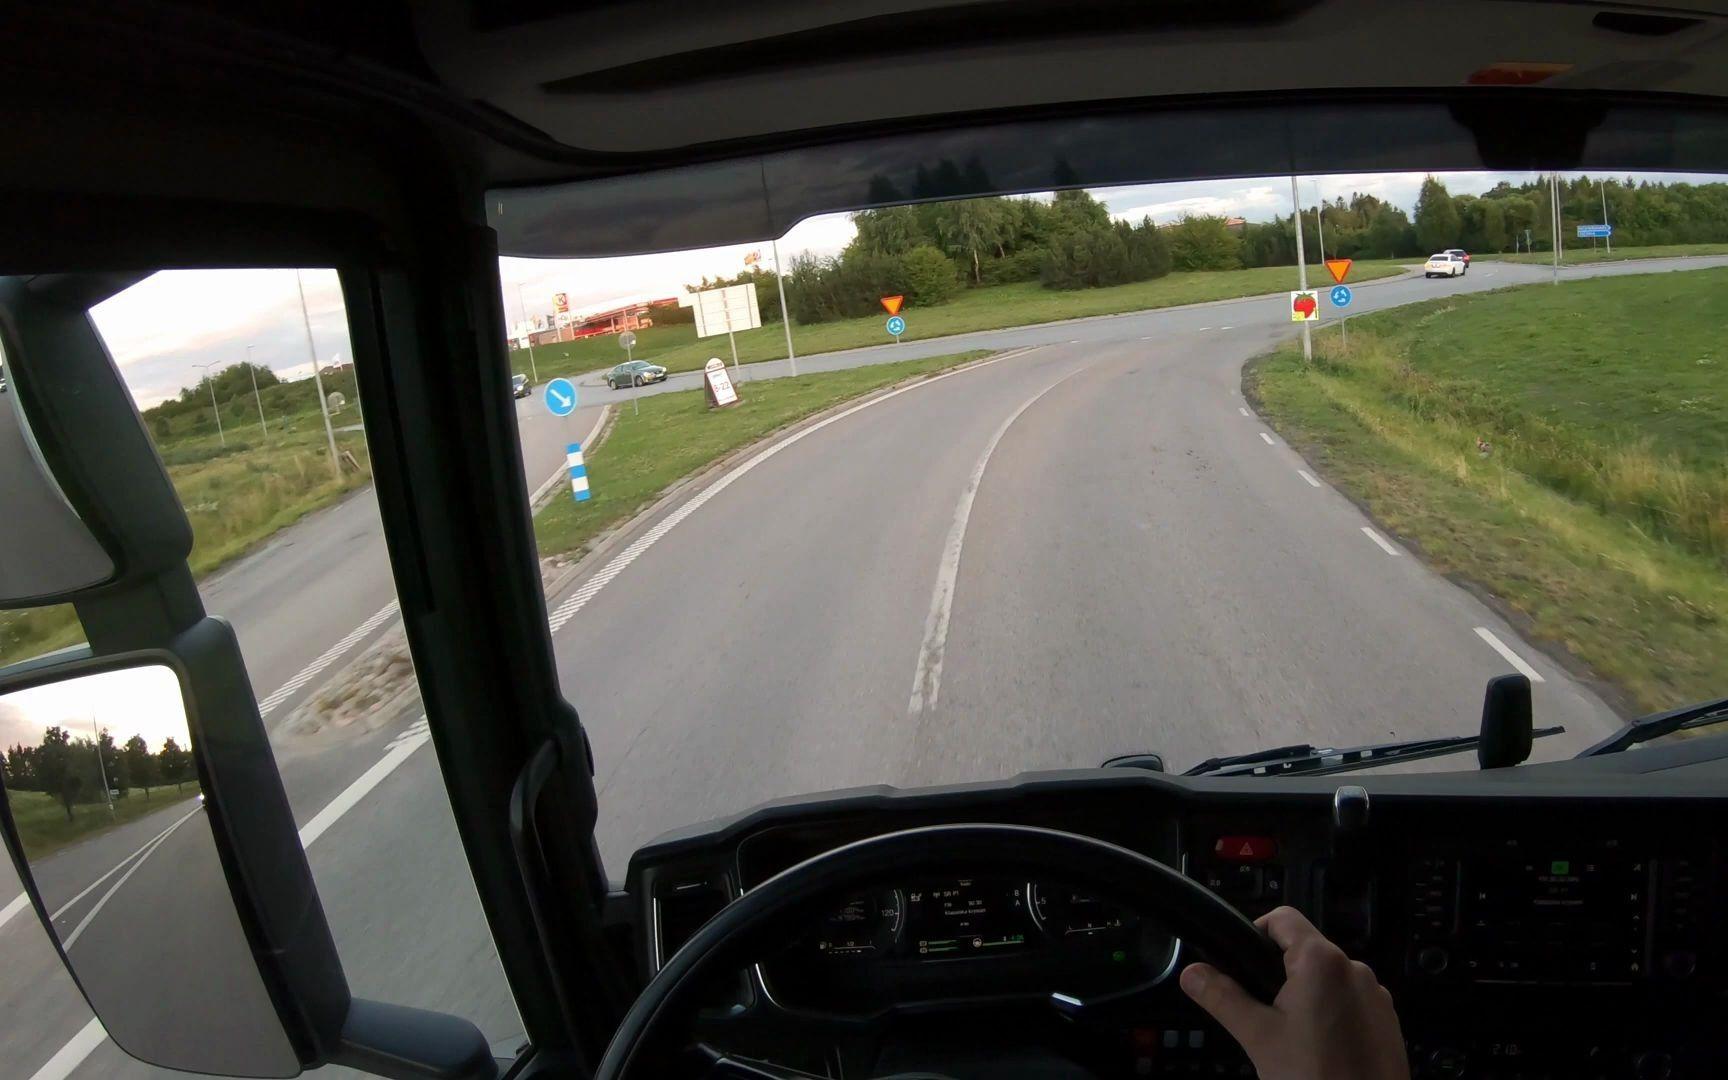 [第一人称驾驶POV] 斯堪尼亚S520的POV驾驶 - 瑞典, 乌普萨拉, 4K